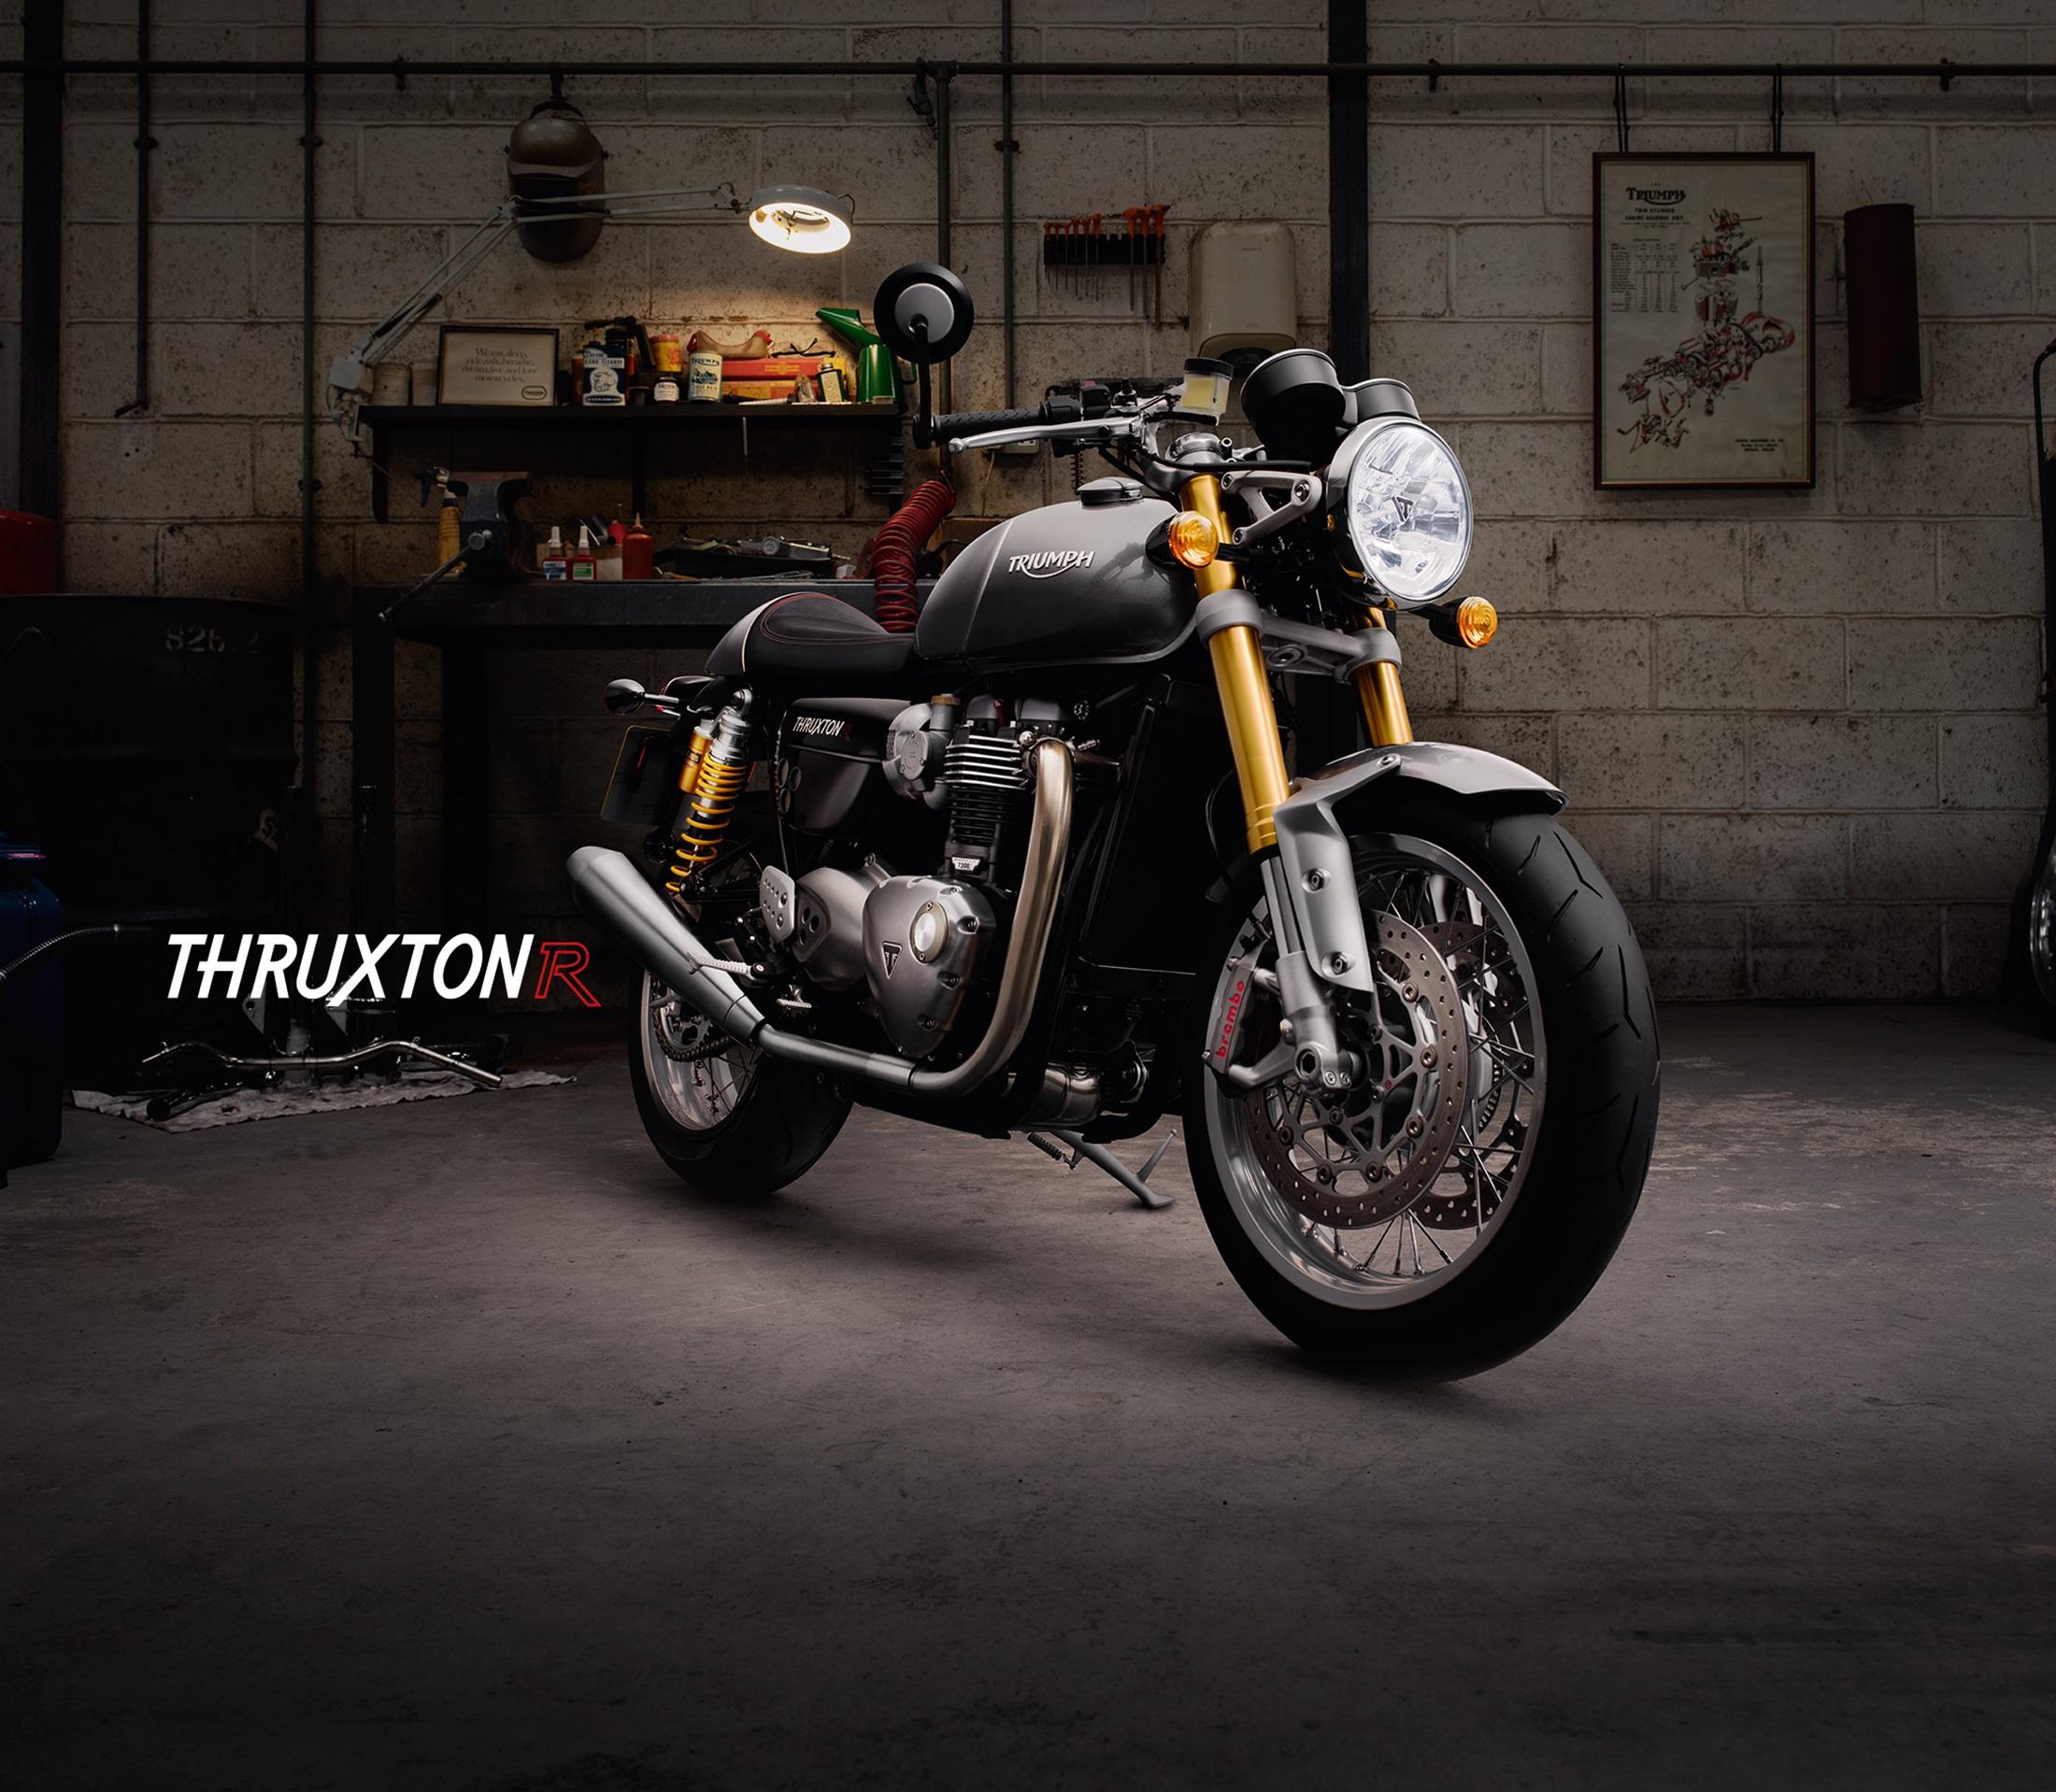 2016 Triumph Thruxton And Thruxton R Shown Looking Like